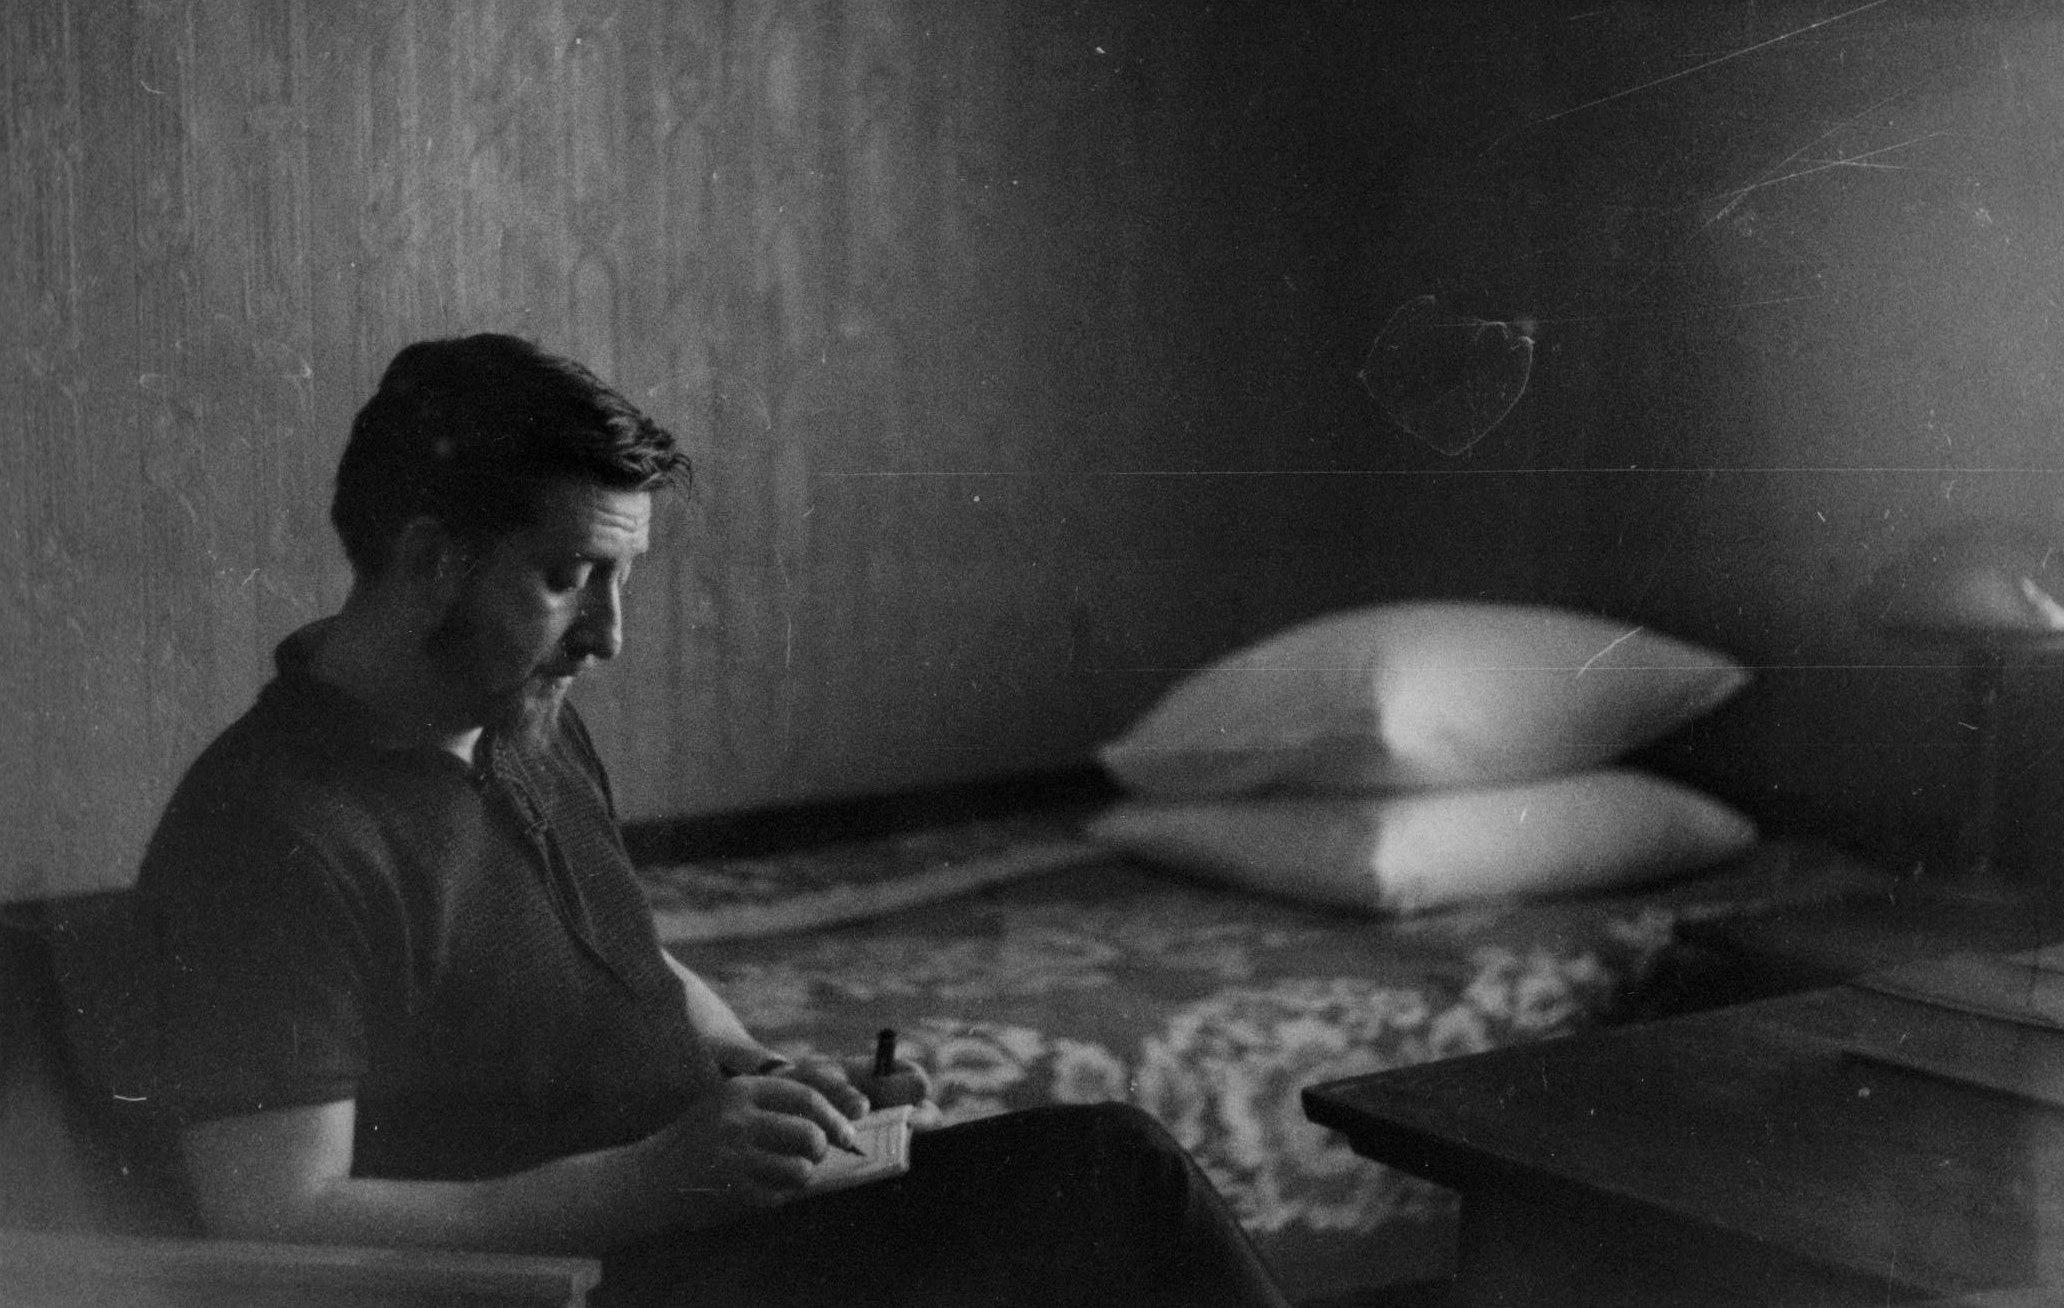 85 лет назад, 2 июня 1932 года, родился писатель и журналист Ярослав Голованов.